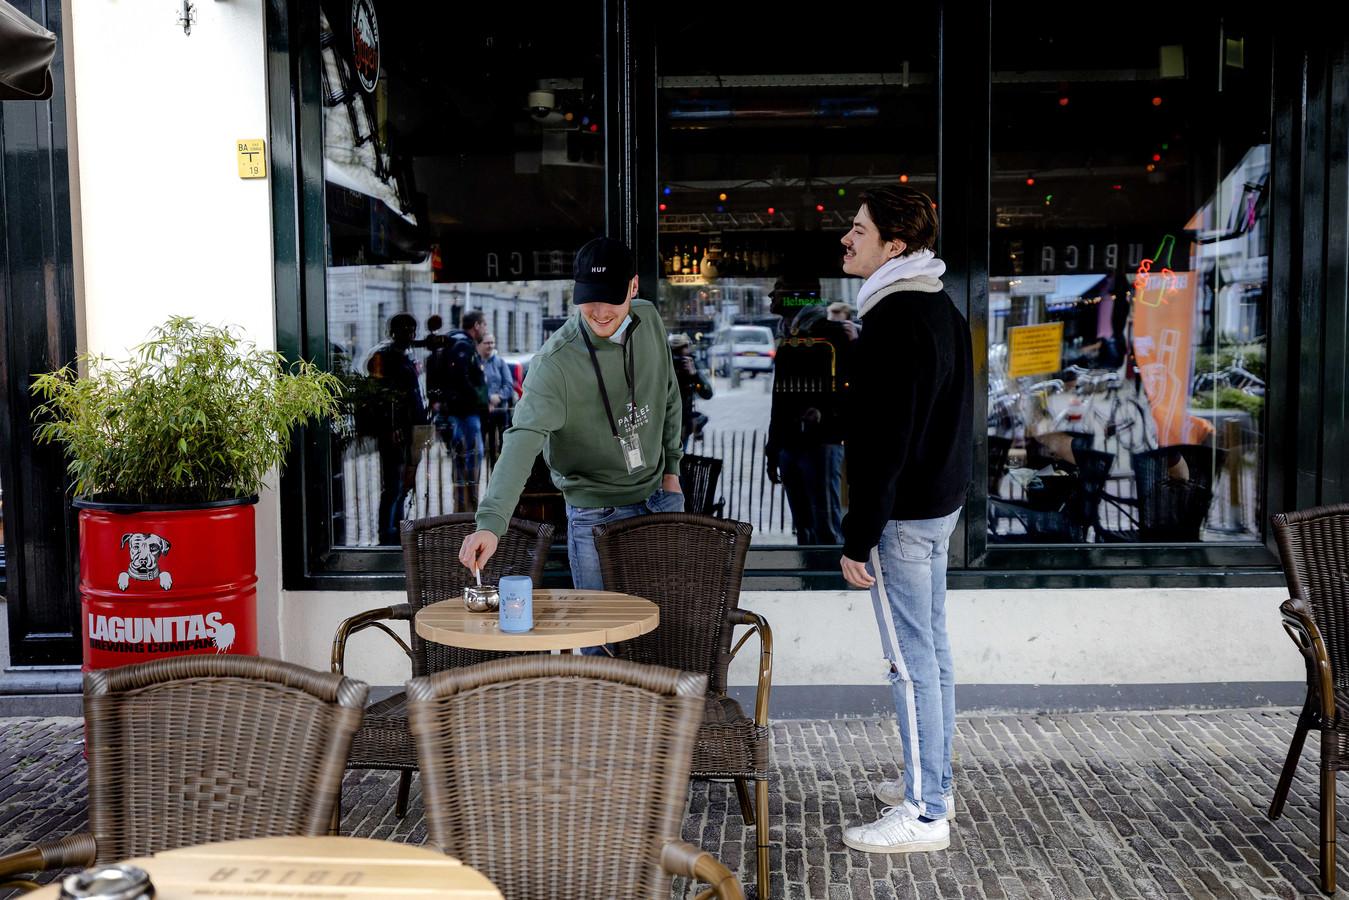 Cafebezoekers in Utrecht. Foto ter illustratie.